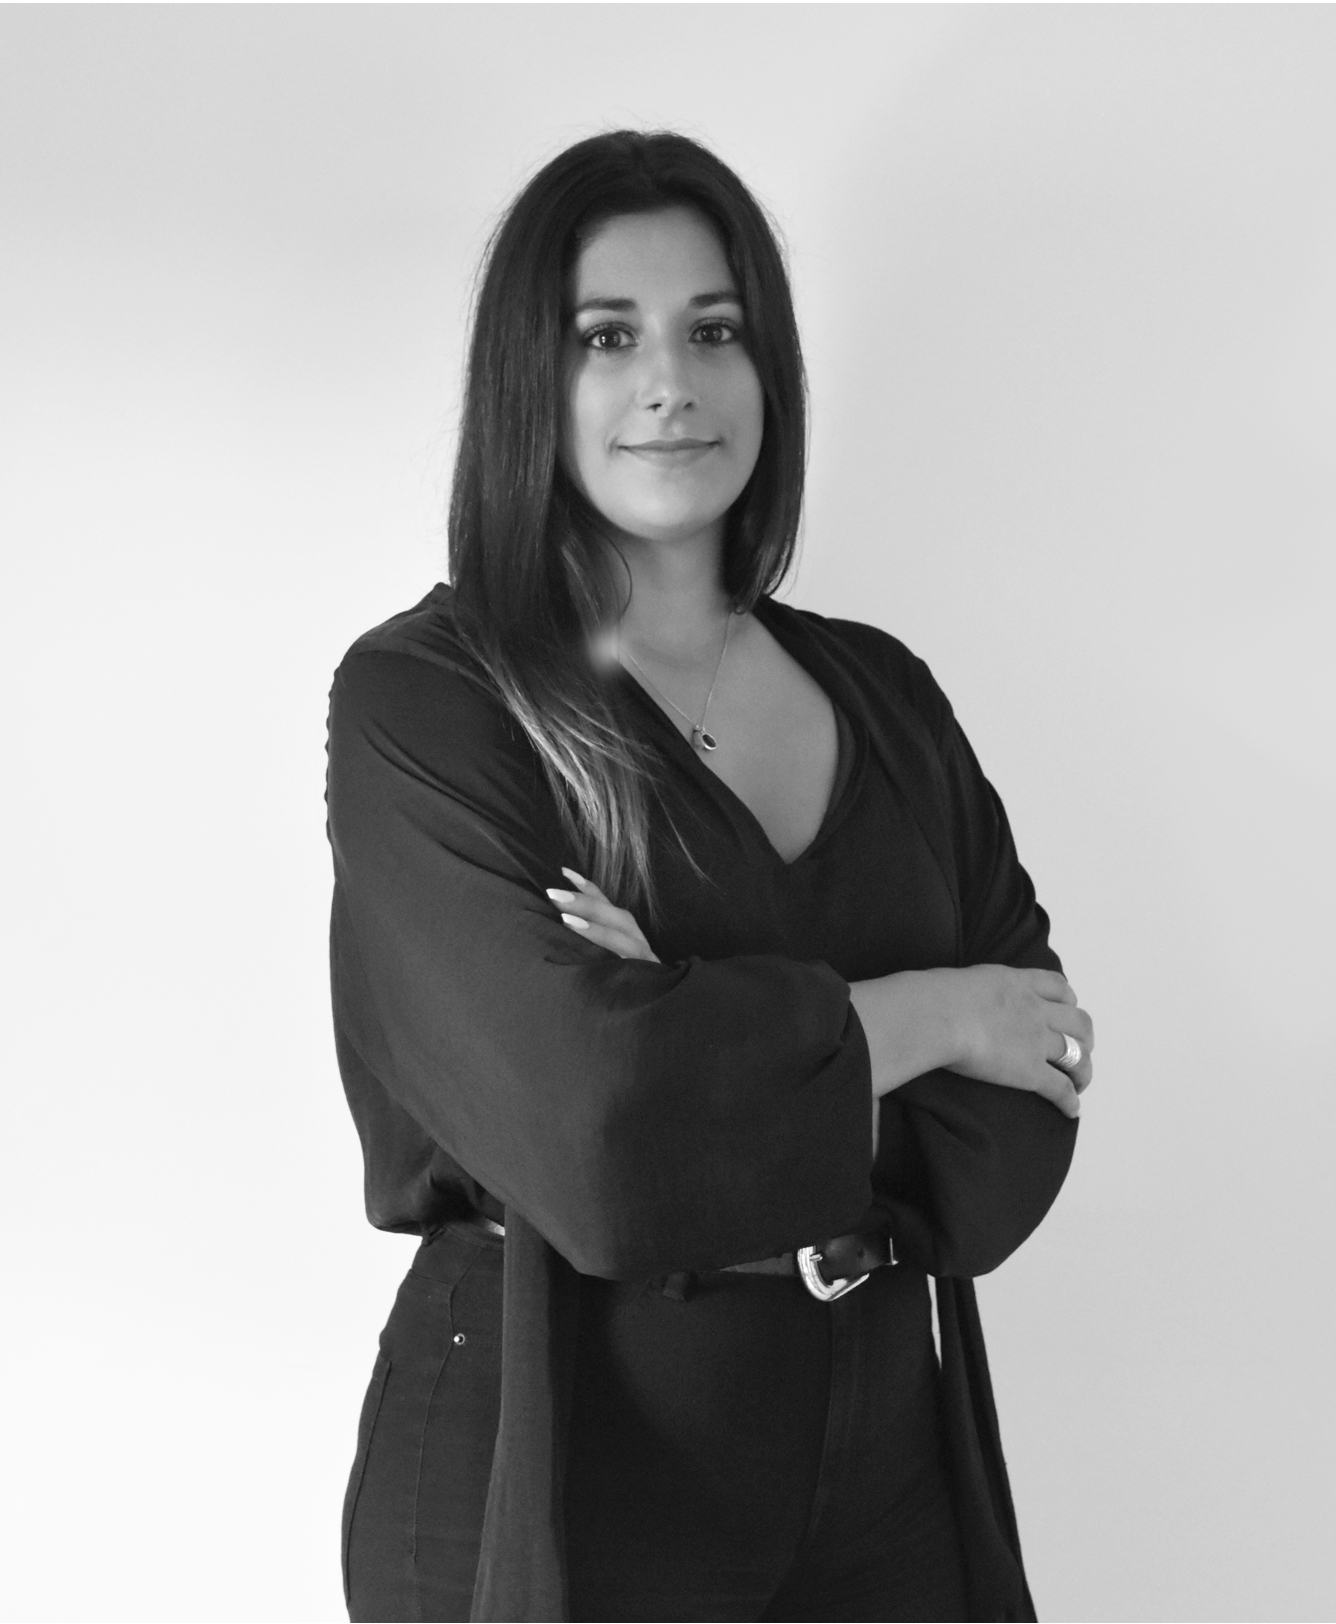 Diana da Silva foto.